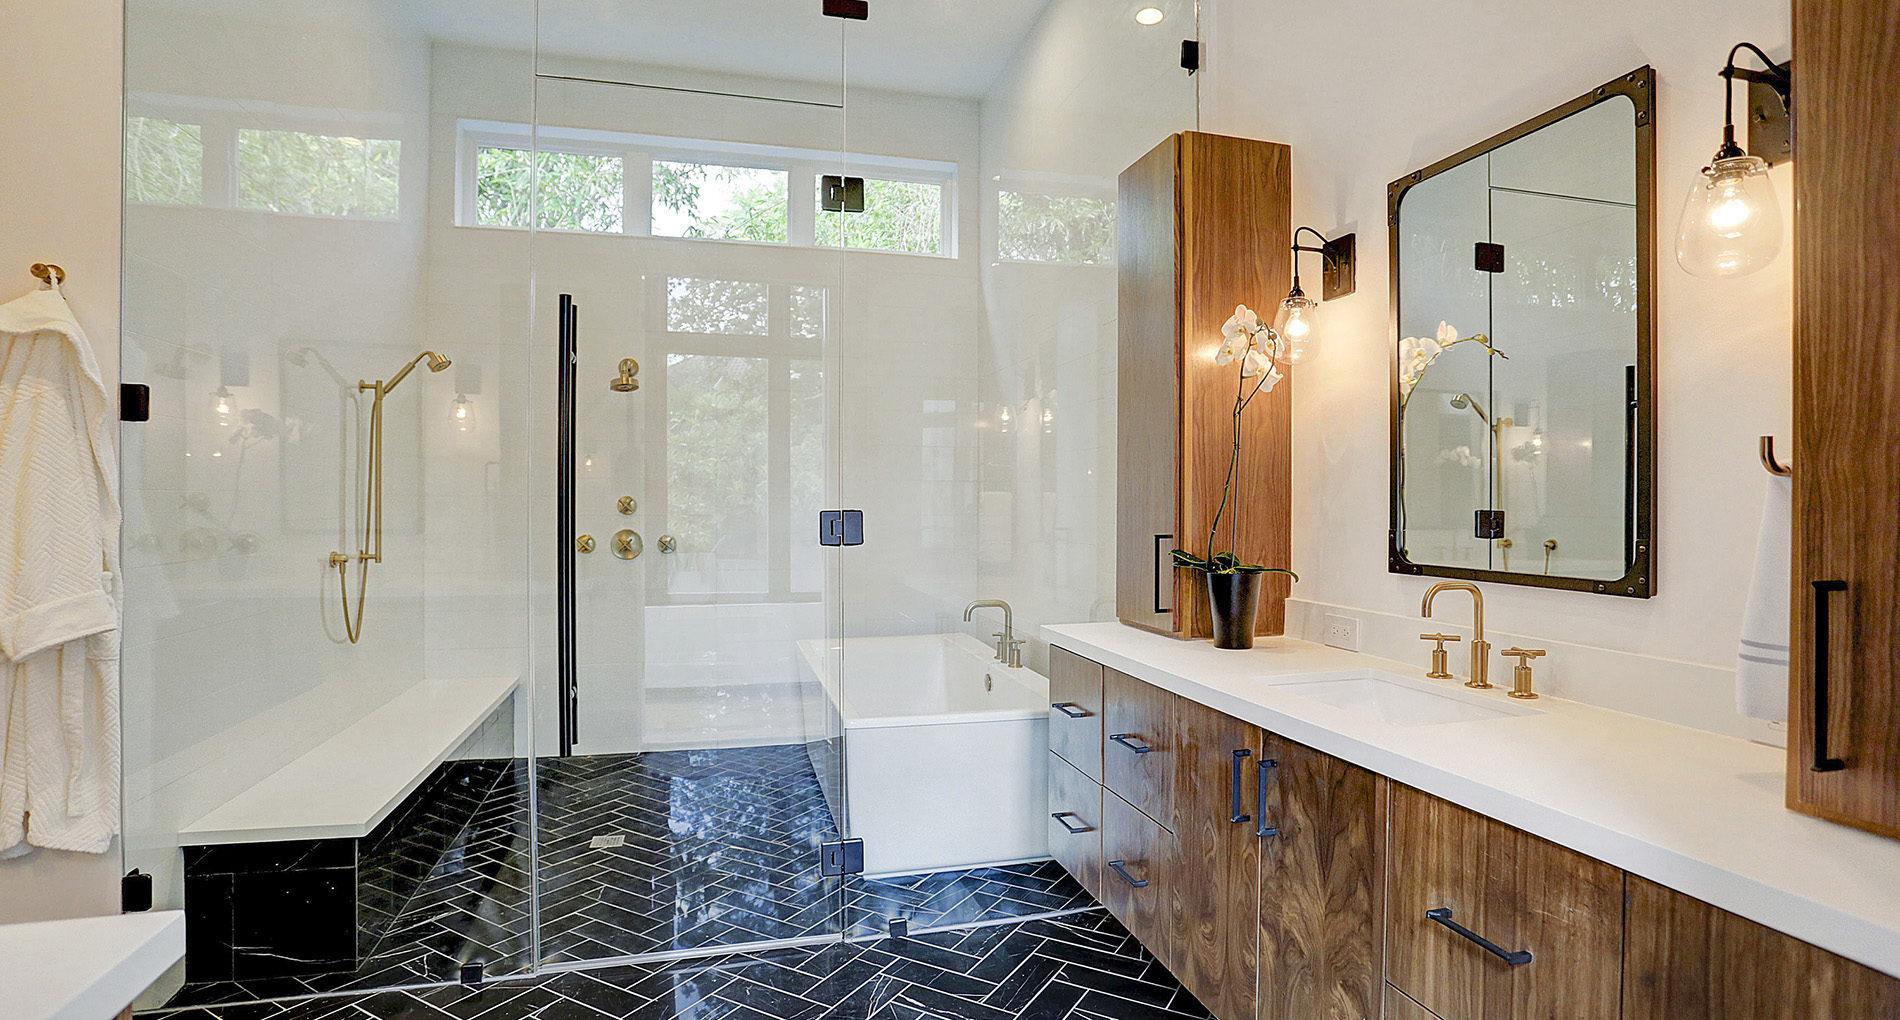 Bathroom Remodeling Gallery Alair Homes Houston - Bathroom remodel picture gallery